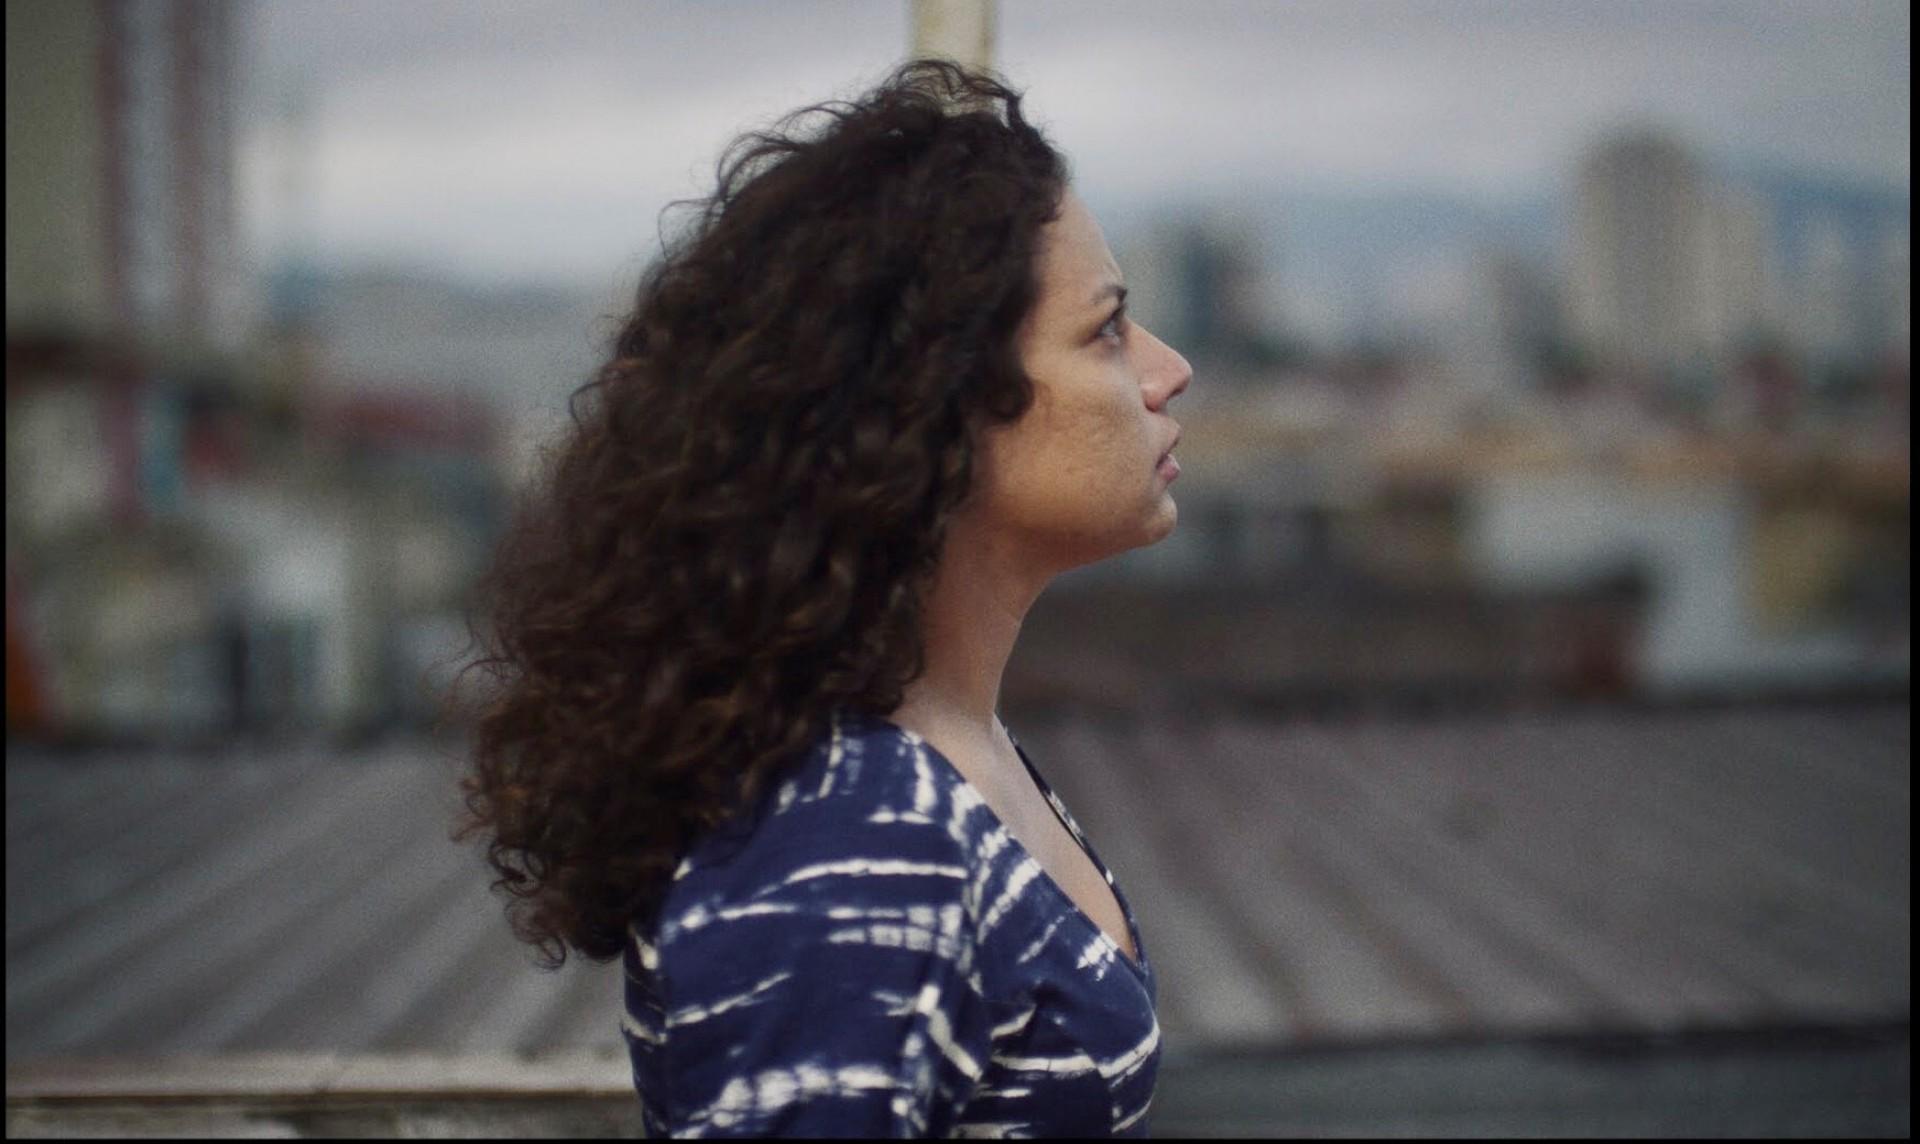 Entre os curtas exibidos no Festival de Cannes, o filme 'Céu de Agosto', de Jasmin Tenucci, recebeu menção especial do júri no evento (Foto: divulgação)